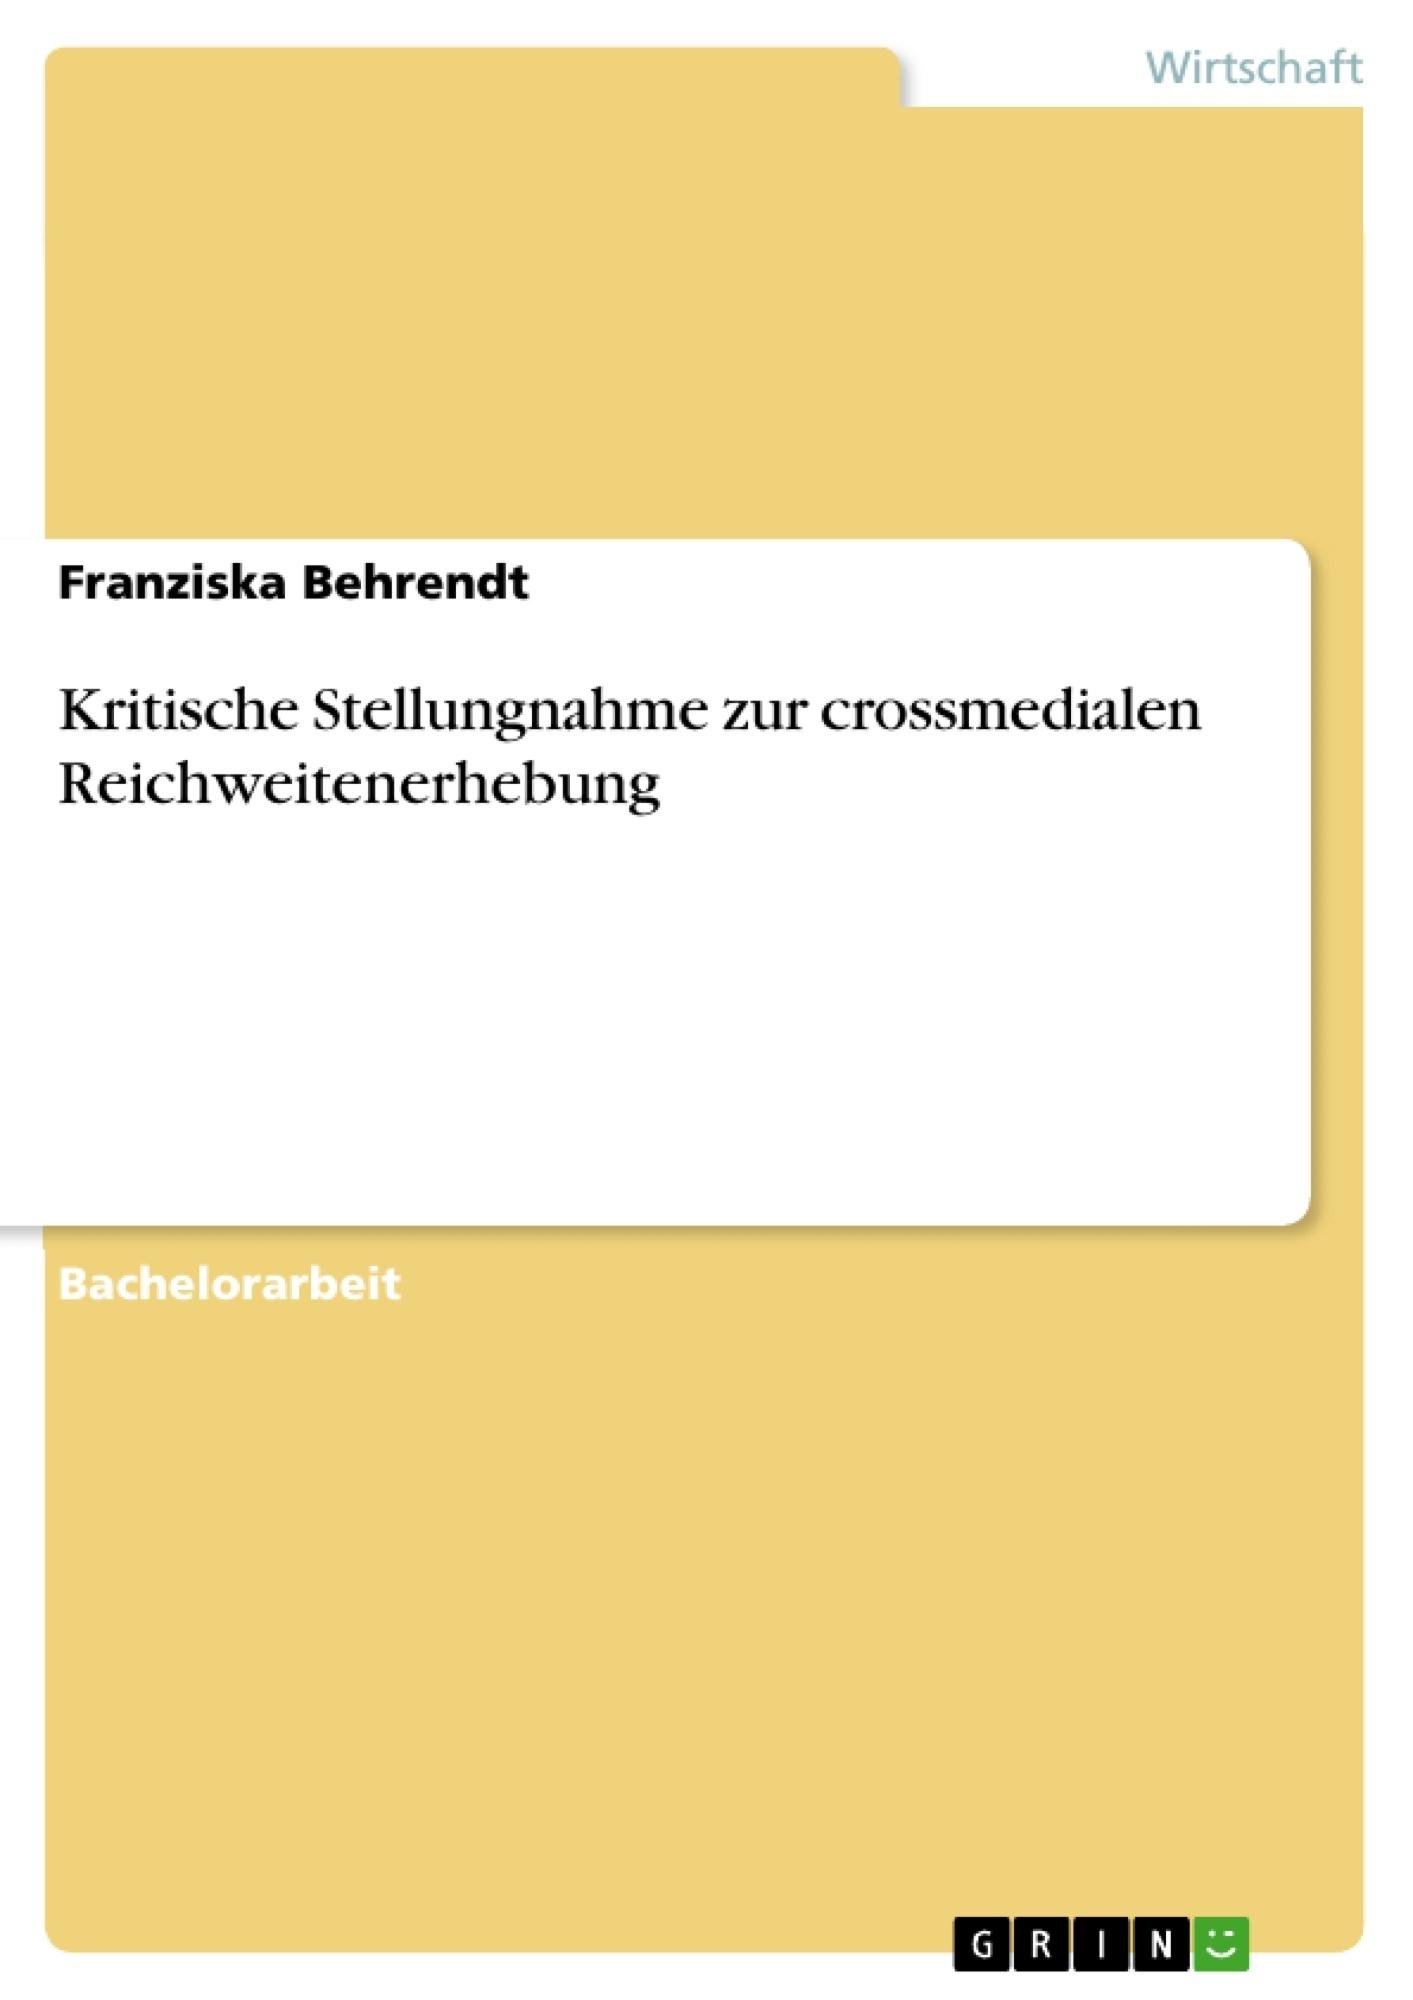 Titel: Kritische Stellungnahme zur crossmedialen Reichweitenerhebung